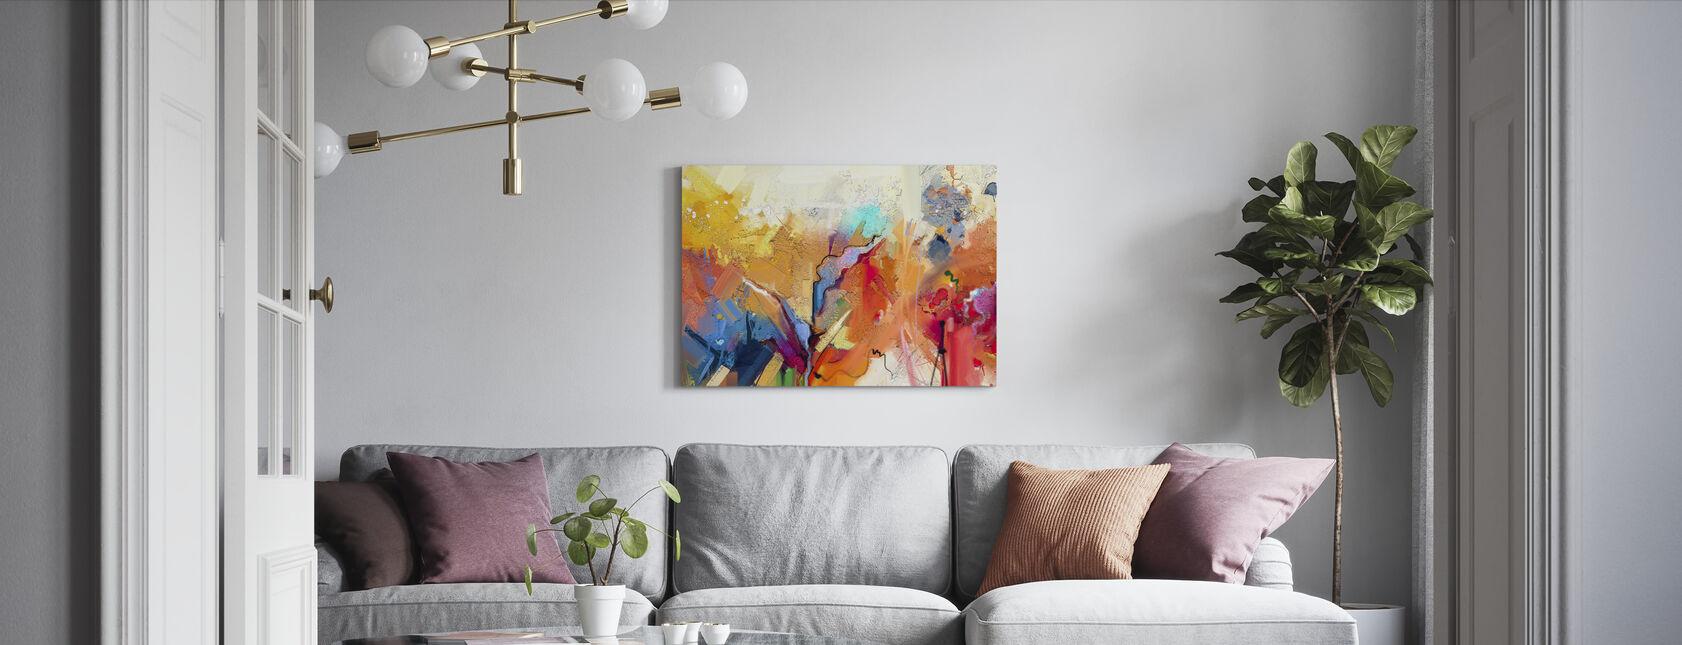 Farverige abstrakt maleri - Billede på lærred - Stue